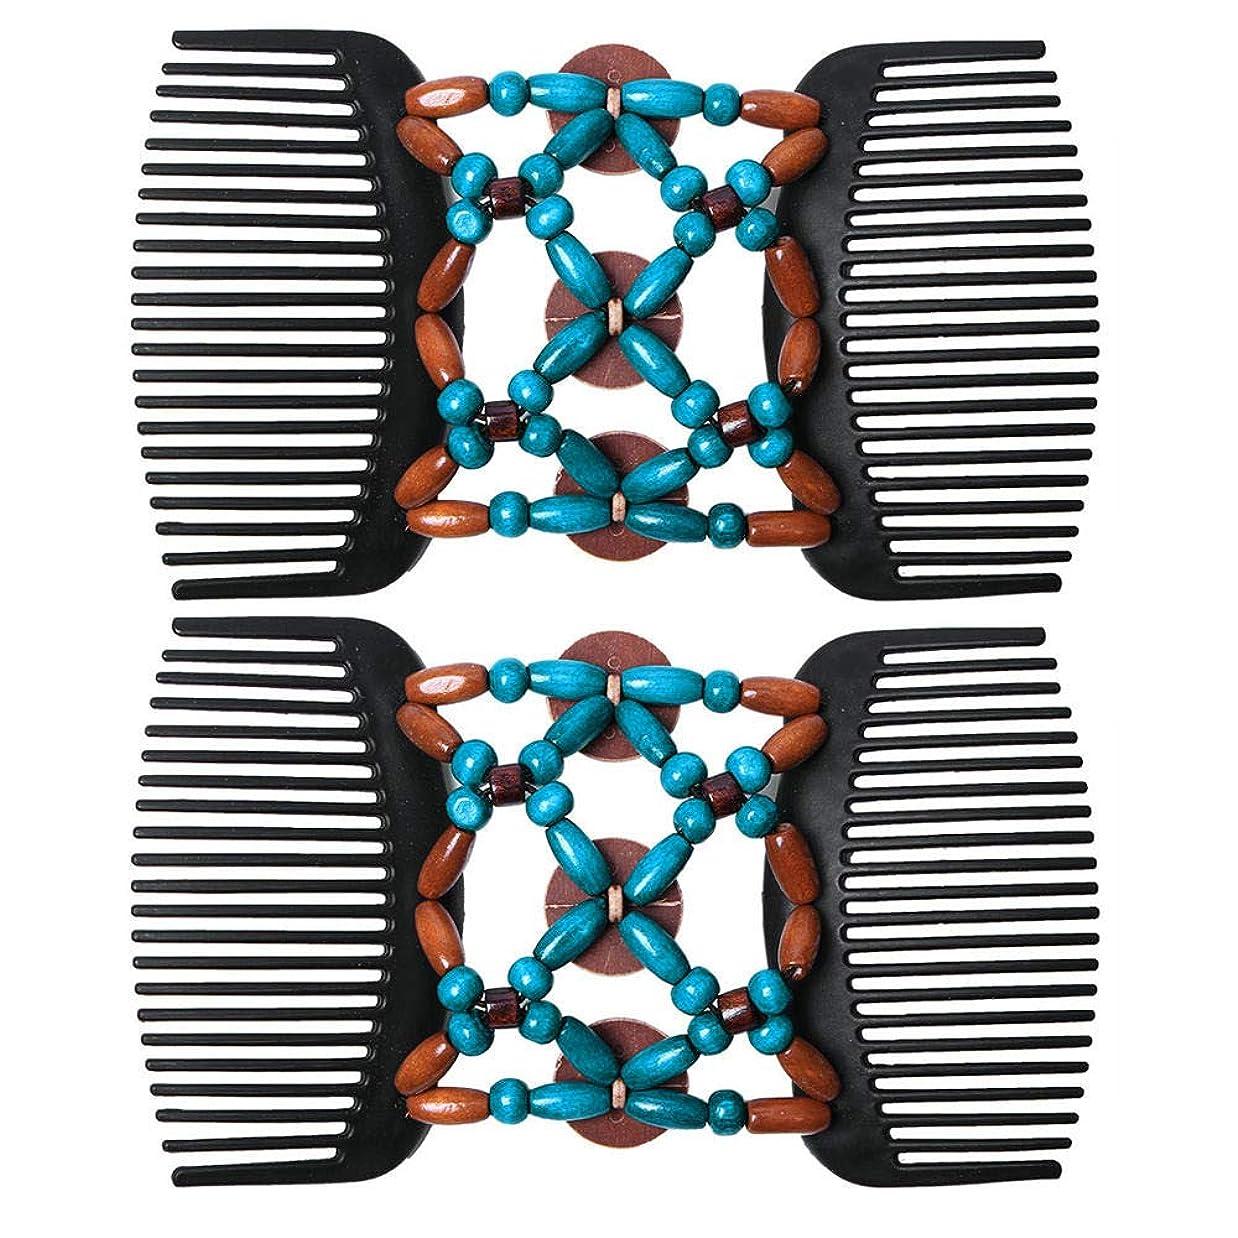 ゆるく達成する使用法Merssavo ダブル行インサートレディースコーム、ウッドコームマジックヘアコーム木製ビーズクリップストレッチヘアアクセサリー、2#